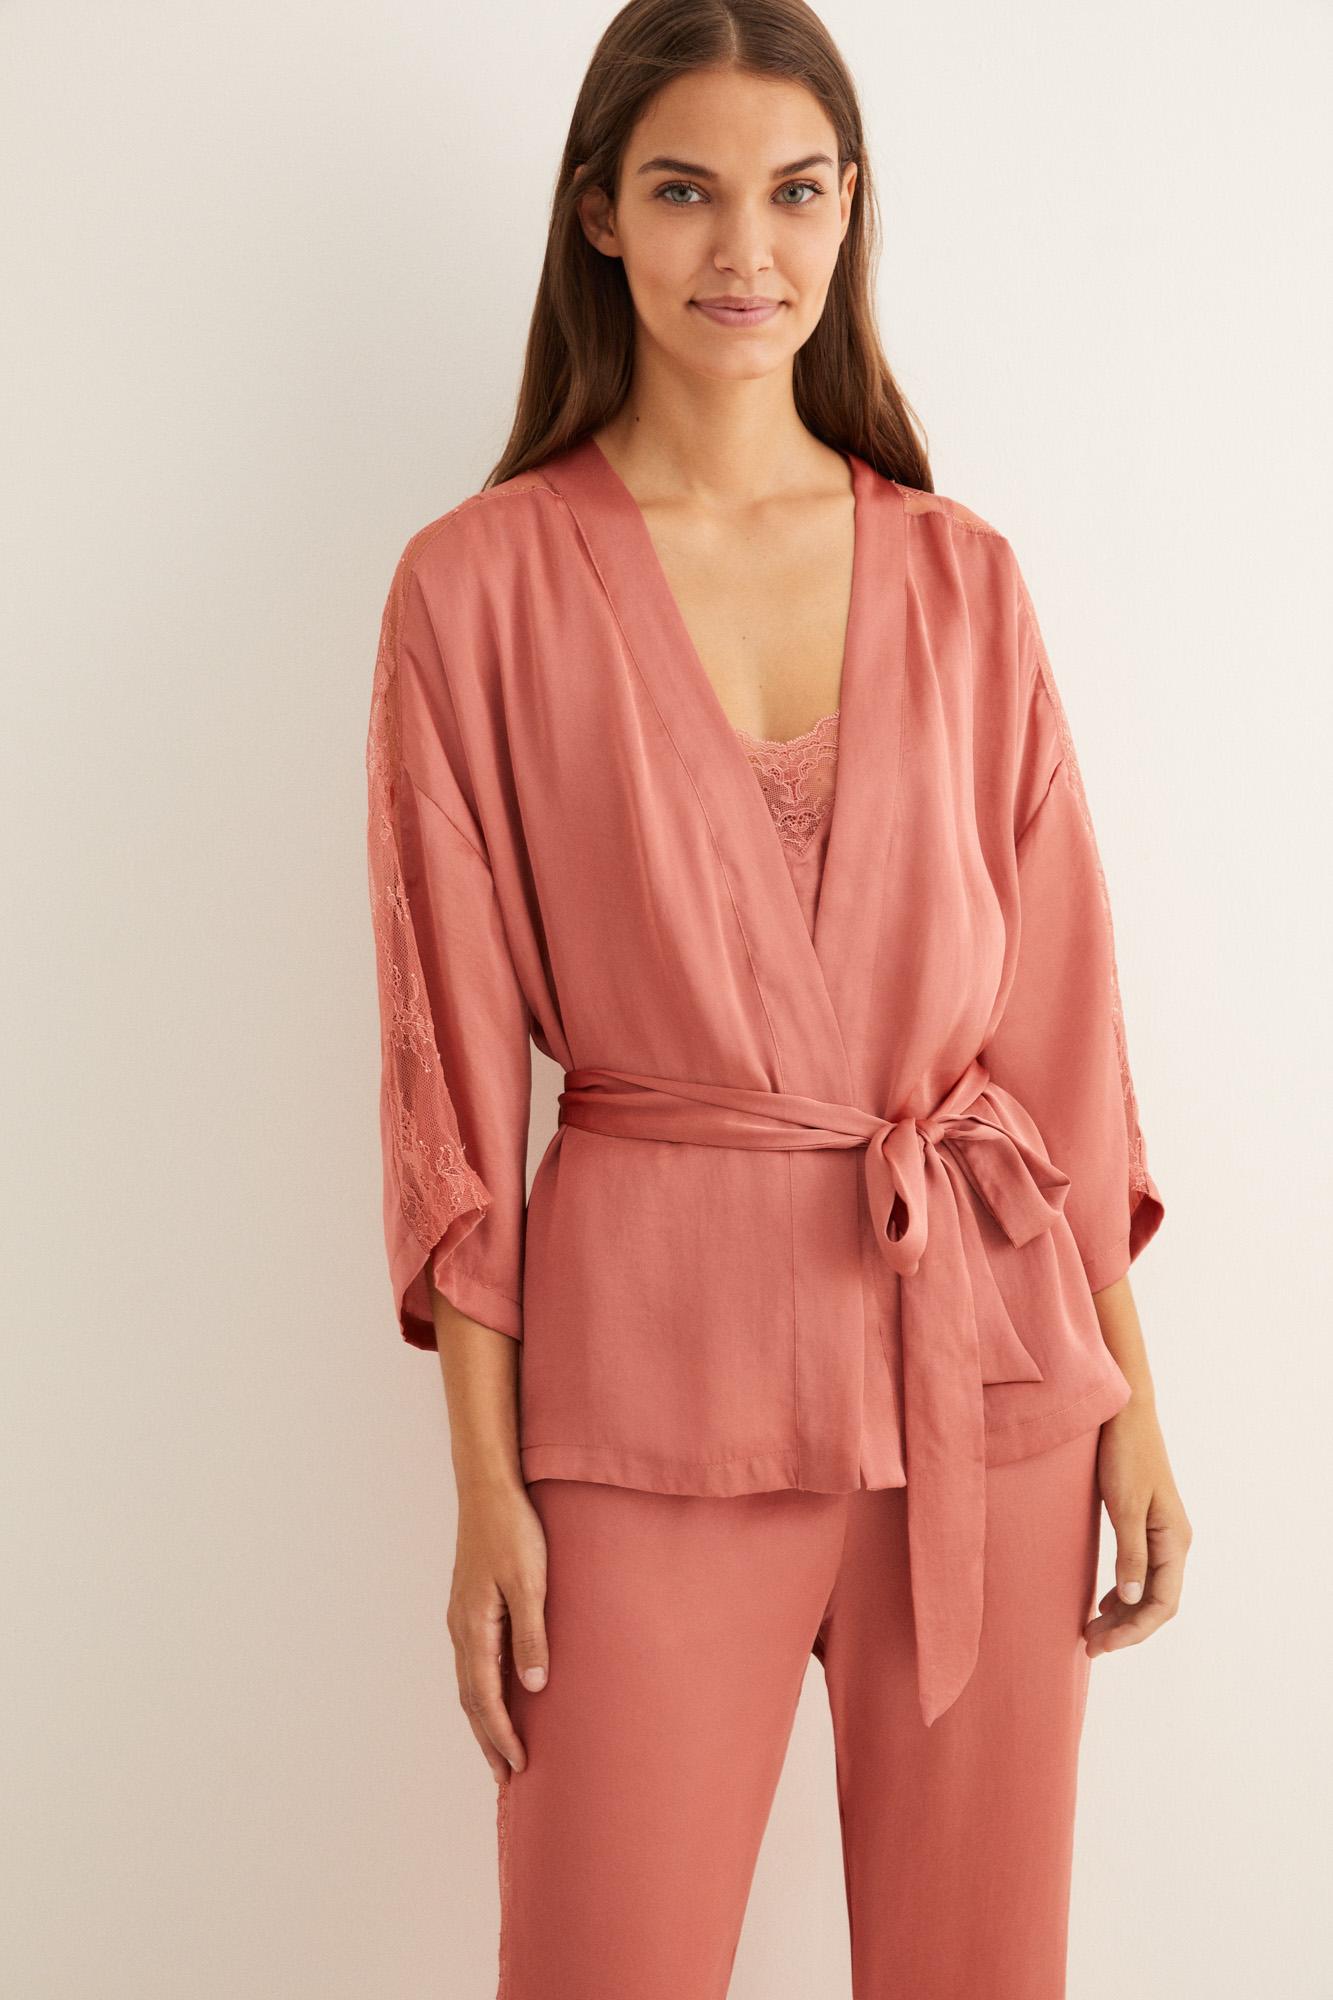 Длинная пижама: комплект из трех вещей | Комплекты пижам | Women